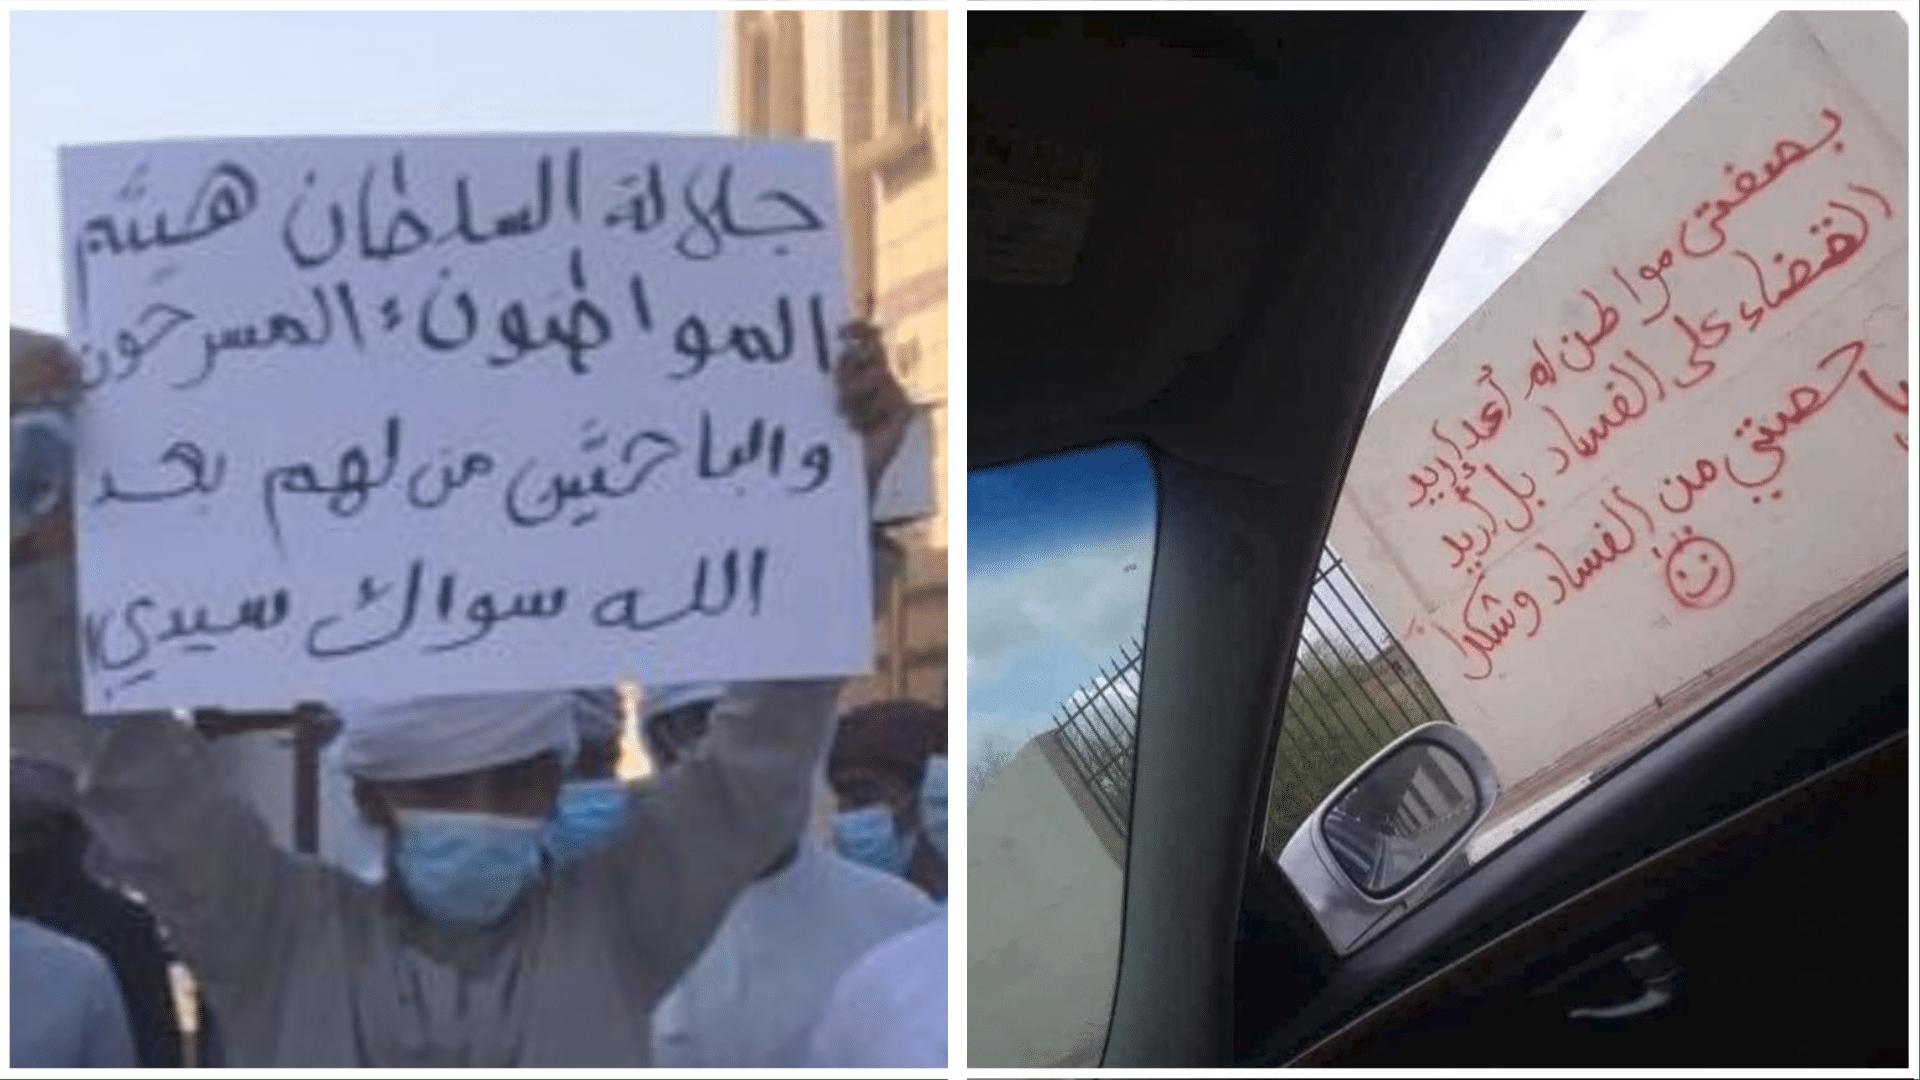 لافتات مثيرة للجدل في حراك صحار.. ما هي رسالة العمانيين لسلطانهم هيثم بن طارق؟